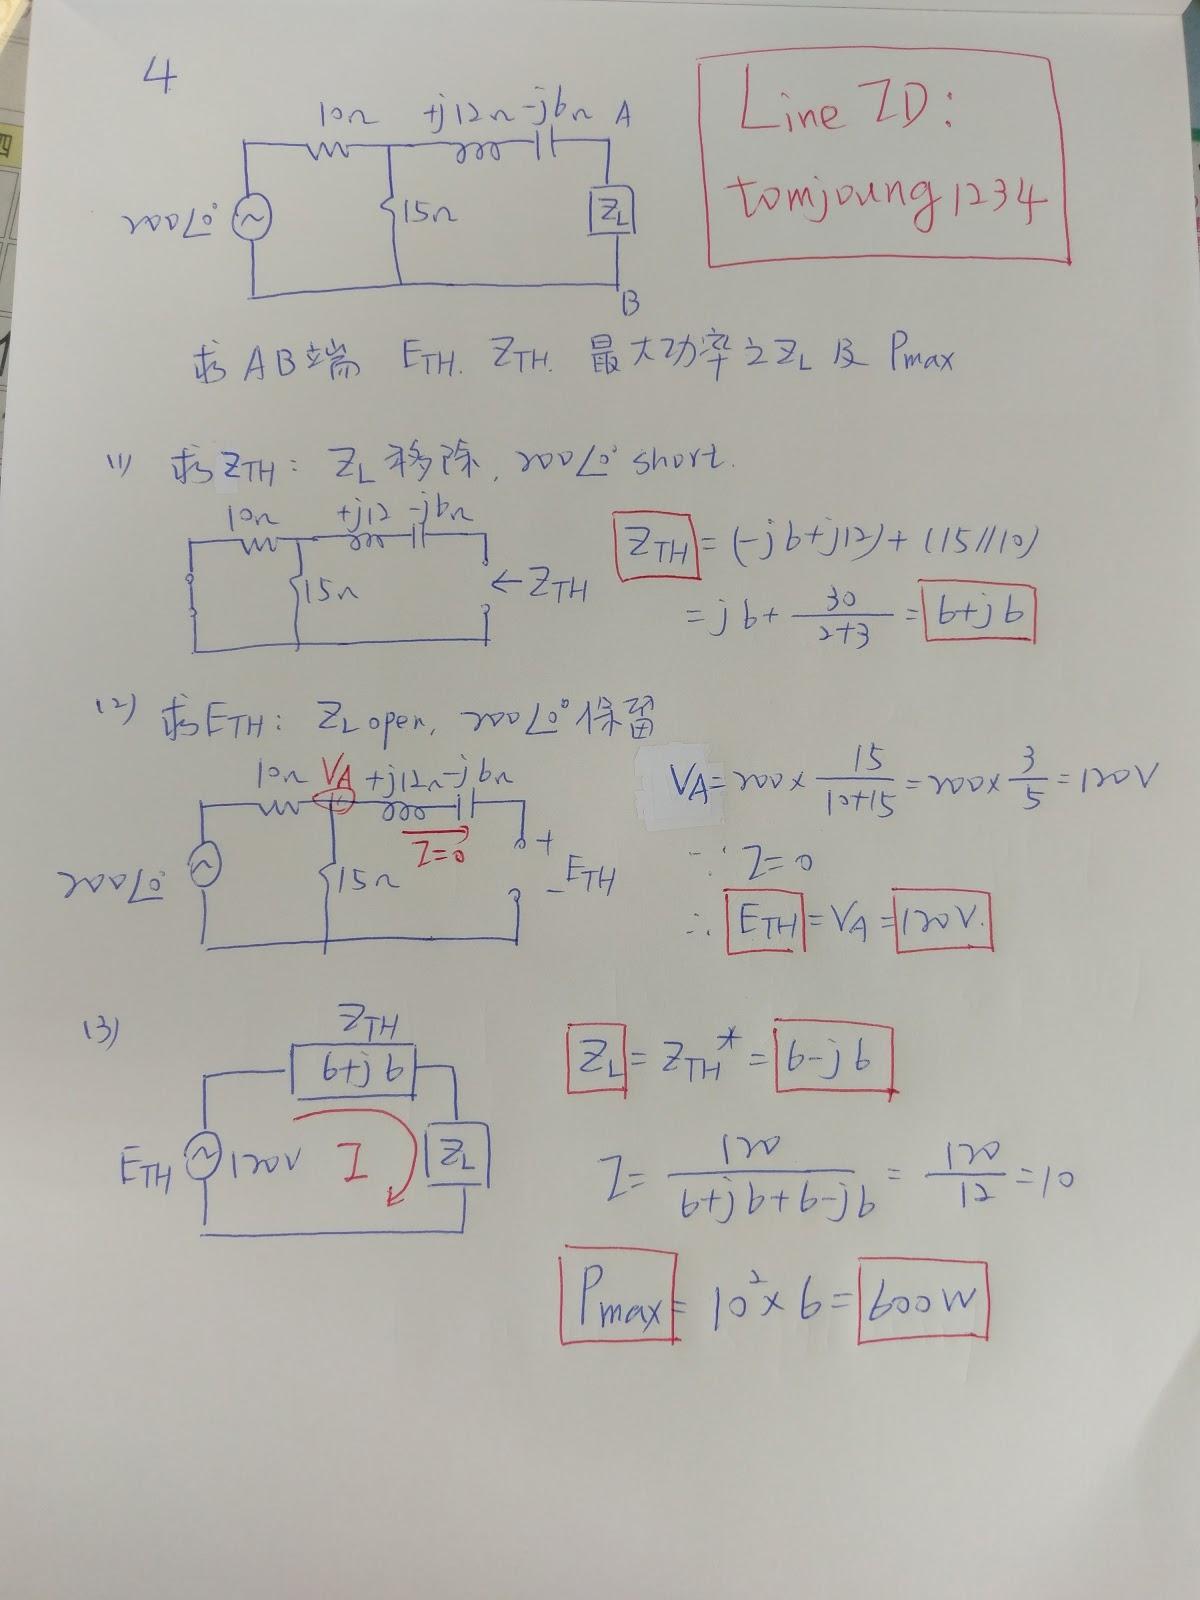 基本電學分享區: 臺電基本電學【僱員】107年問答題第4題(交流戴維寧及最大功率)